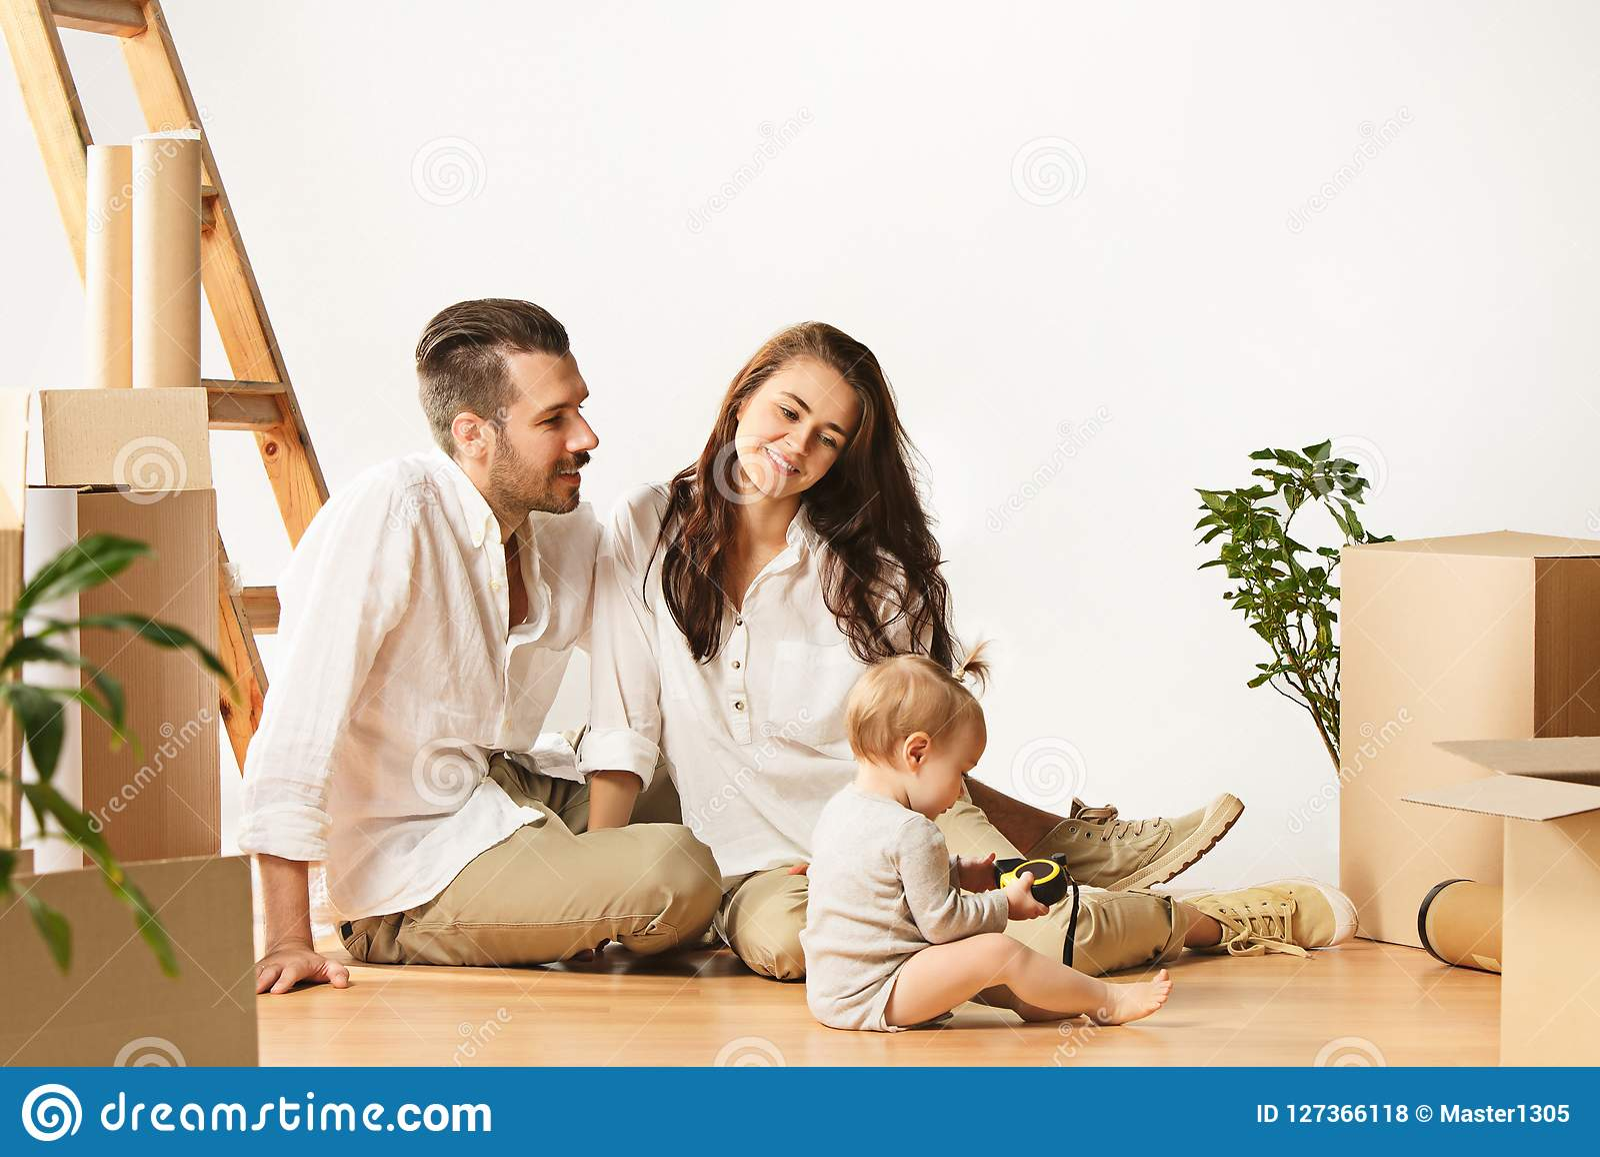 Pareja que se mueve a un nuevo hogar - la gente casada feliz compra un nuevo apartamento para comenzar nueva vida junta